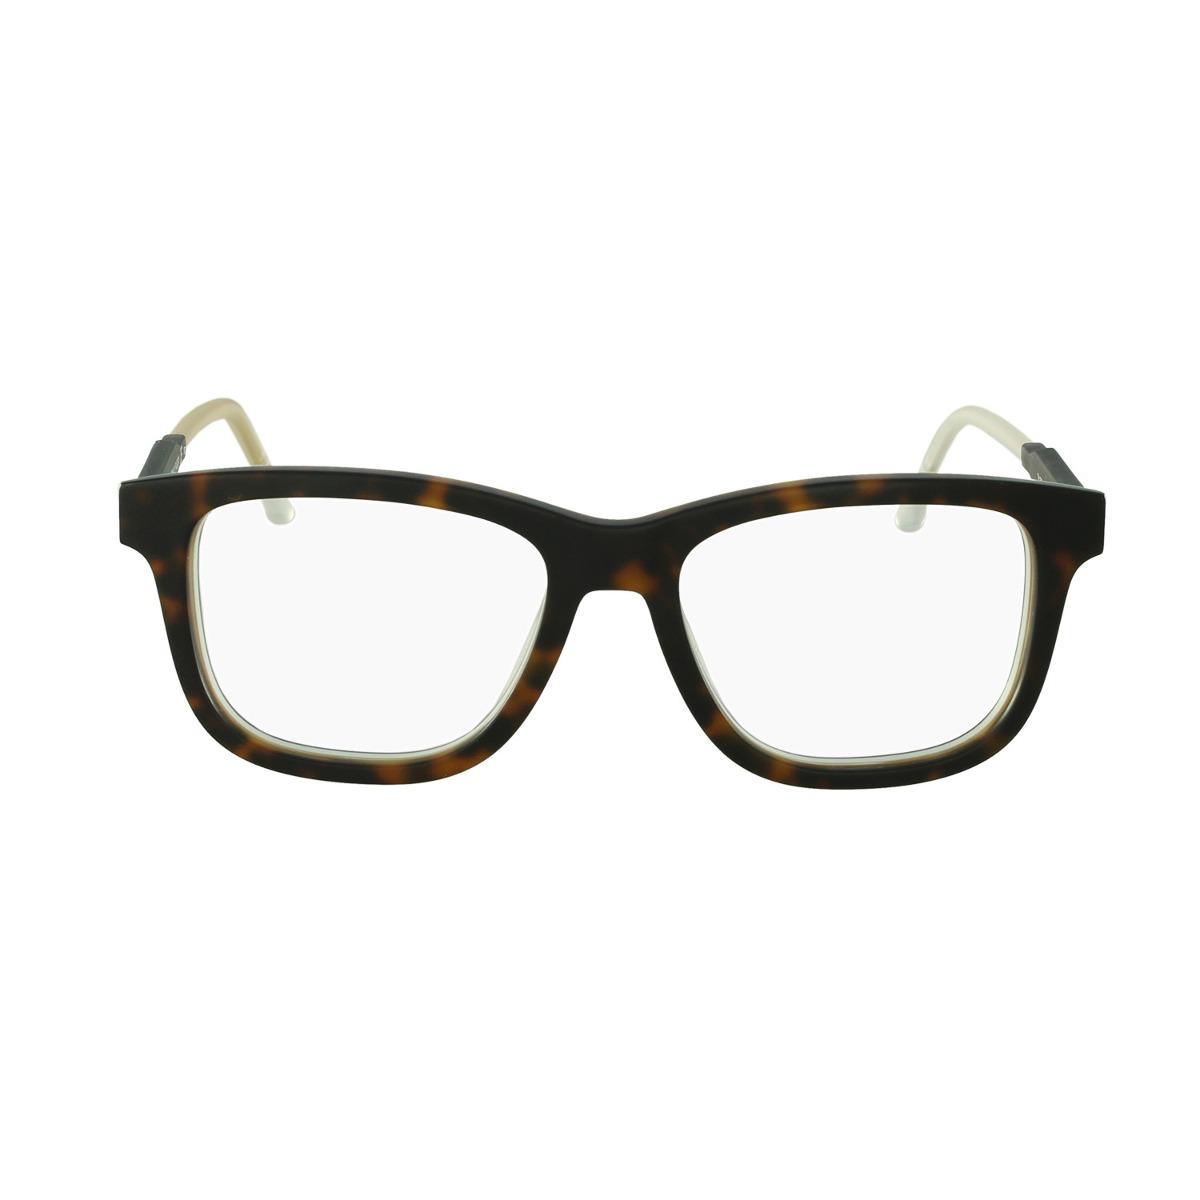 2658888220685 Óculos De Grau Tommy Hilfiger Casual Marrom - R  459,00 em Mercado Livre